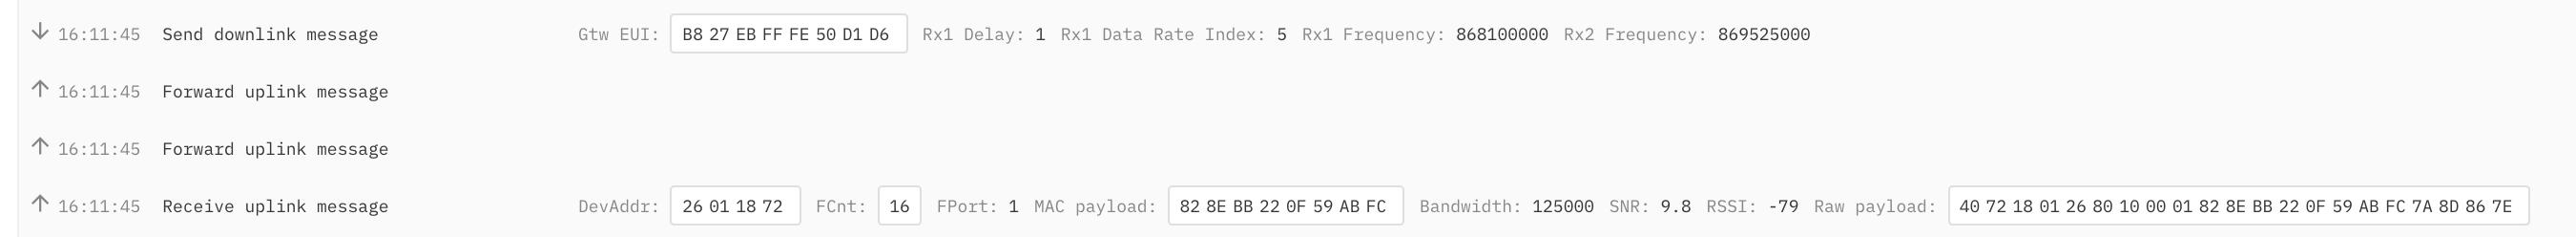 Screenshot 2021-05-11 at 16.18.54